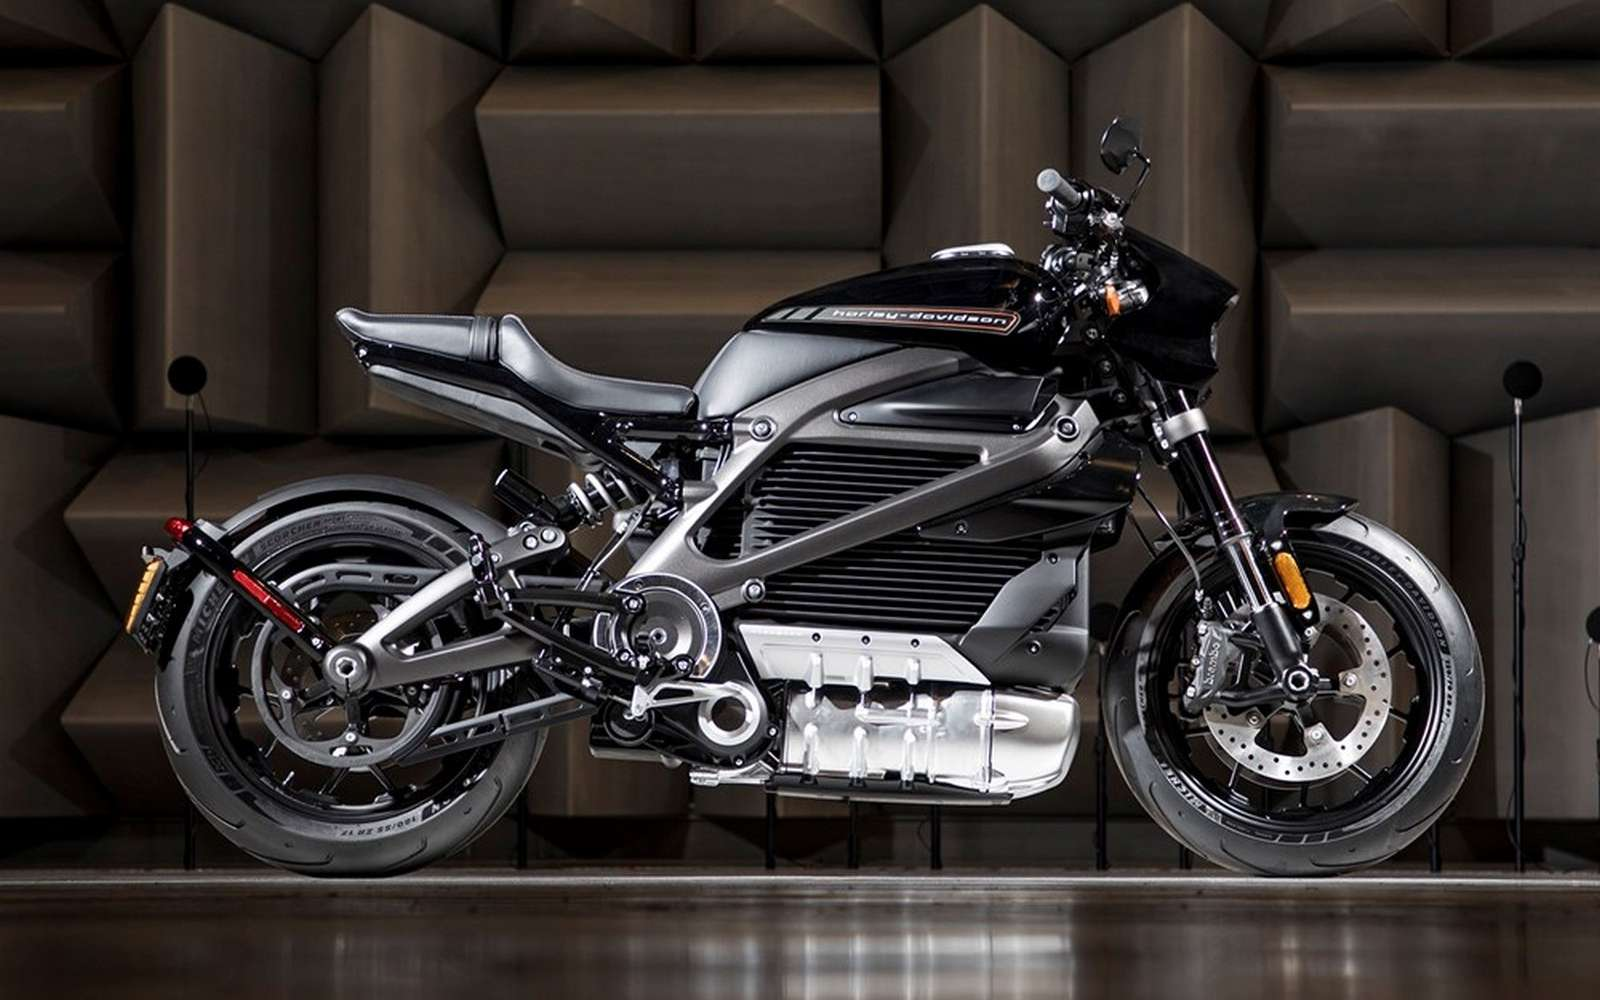 En 2014, Harley-Davidson a révélé qu'il travaillait à un projet de moto électrique en dévoilant le Project LiveWire. Le constructeur de Milwaukee veut se donner une image plus « écolo » sans pour autant renier ce qui fait son mythe. Un pari osé, mais qui pourrait lui permettre de toucher une nouvelle clientèle, sensible au style Harley-Davidson mais soucieuse du respect de l'environnement. © Harley-Davidson